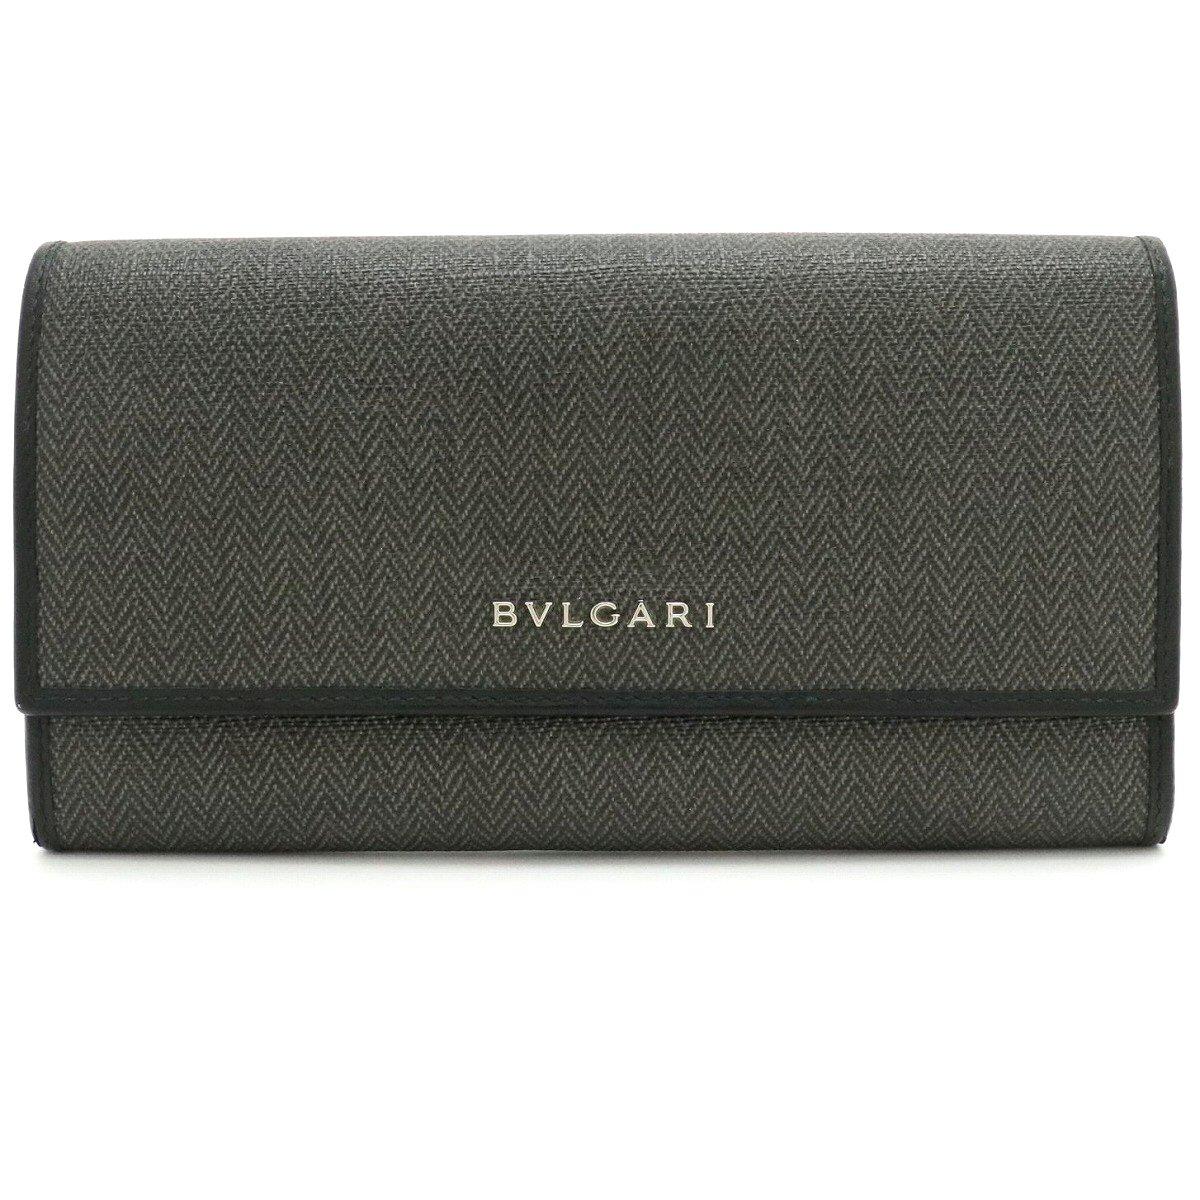 【財布】BVLGARI ブルガリ ウィークエンド 2つ折長財布 レザー PVC 黒 ブラック グレー 32585 【中古】